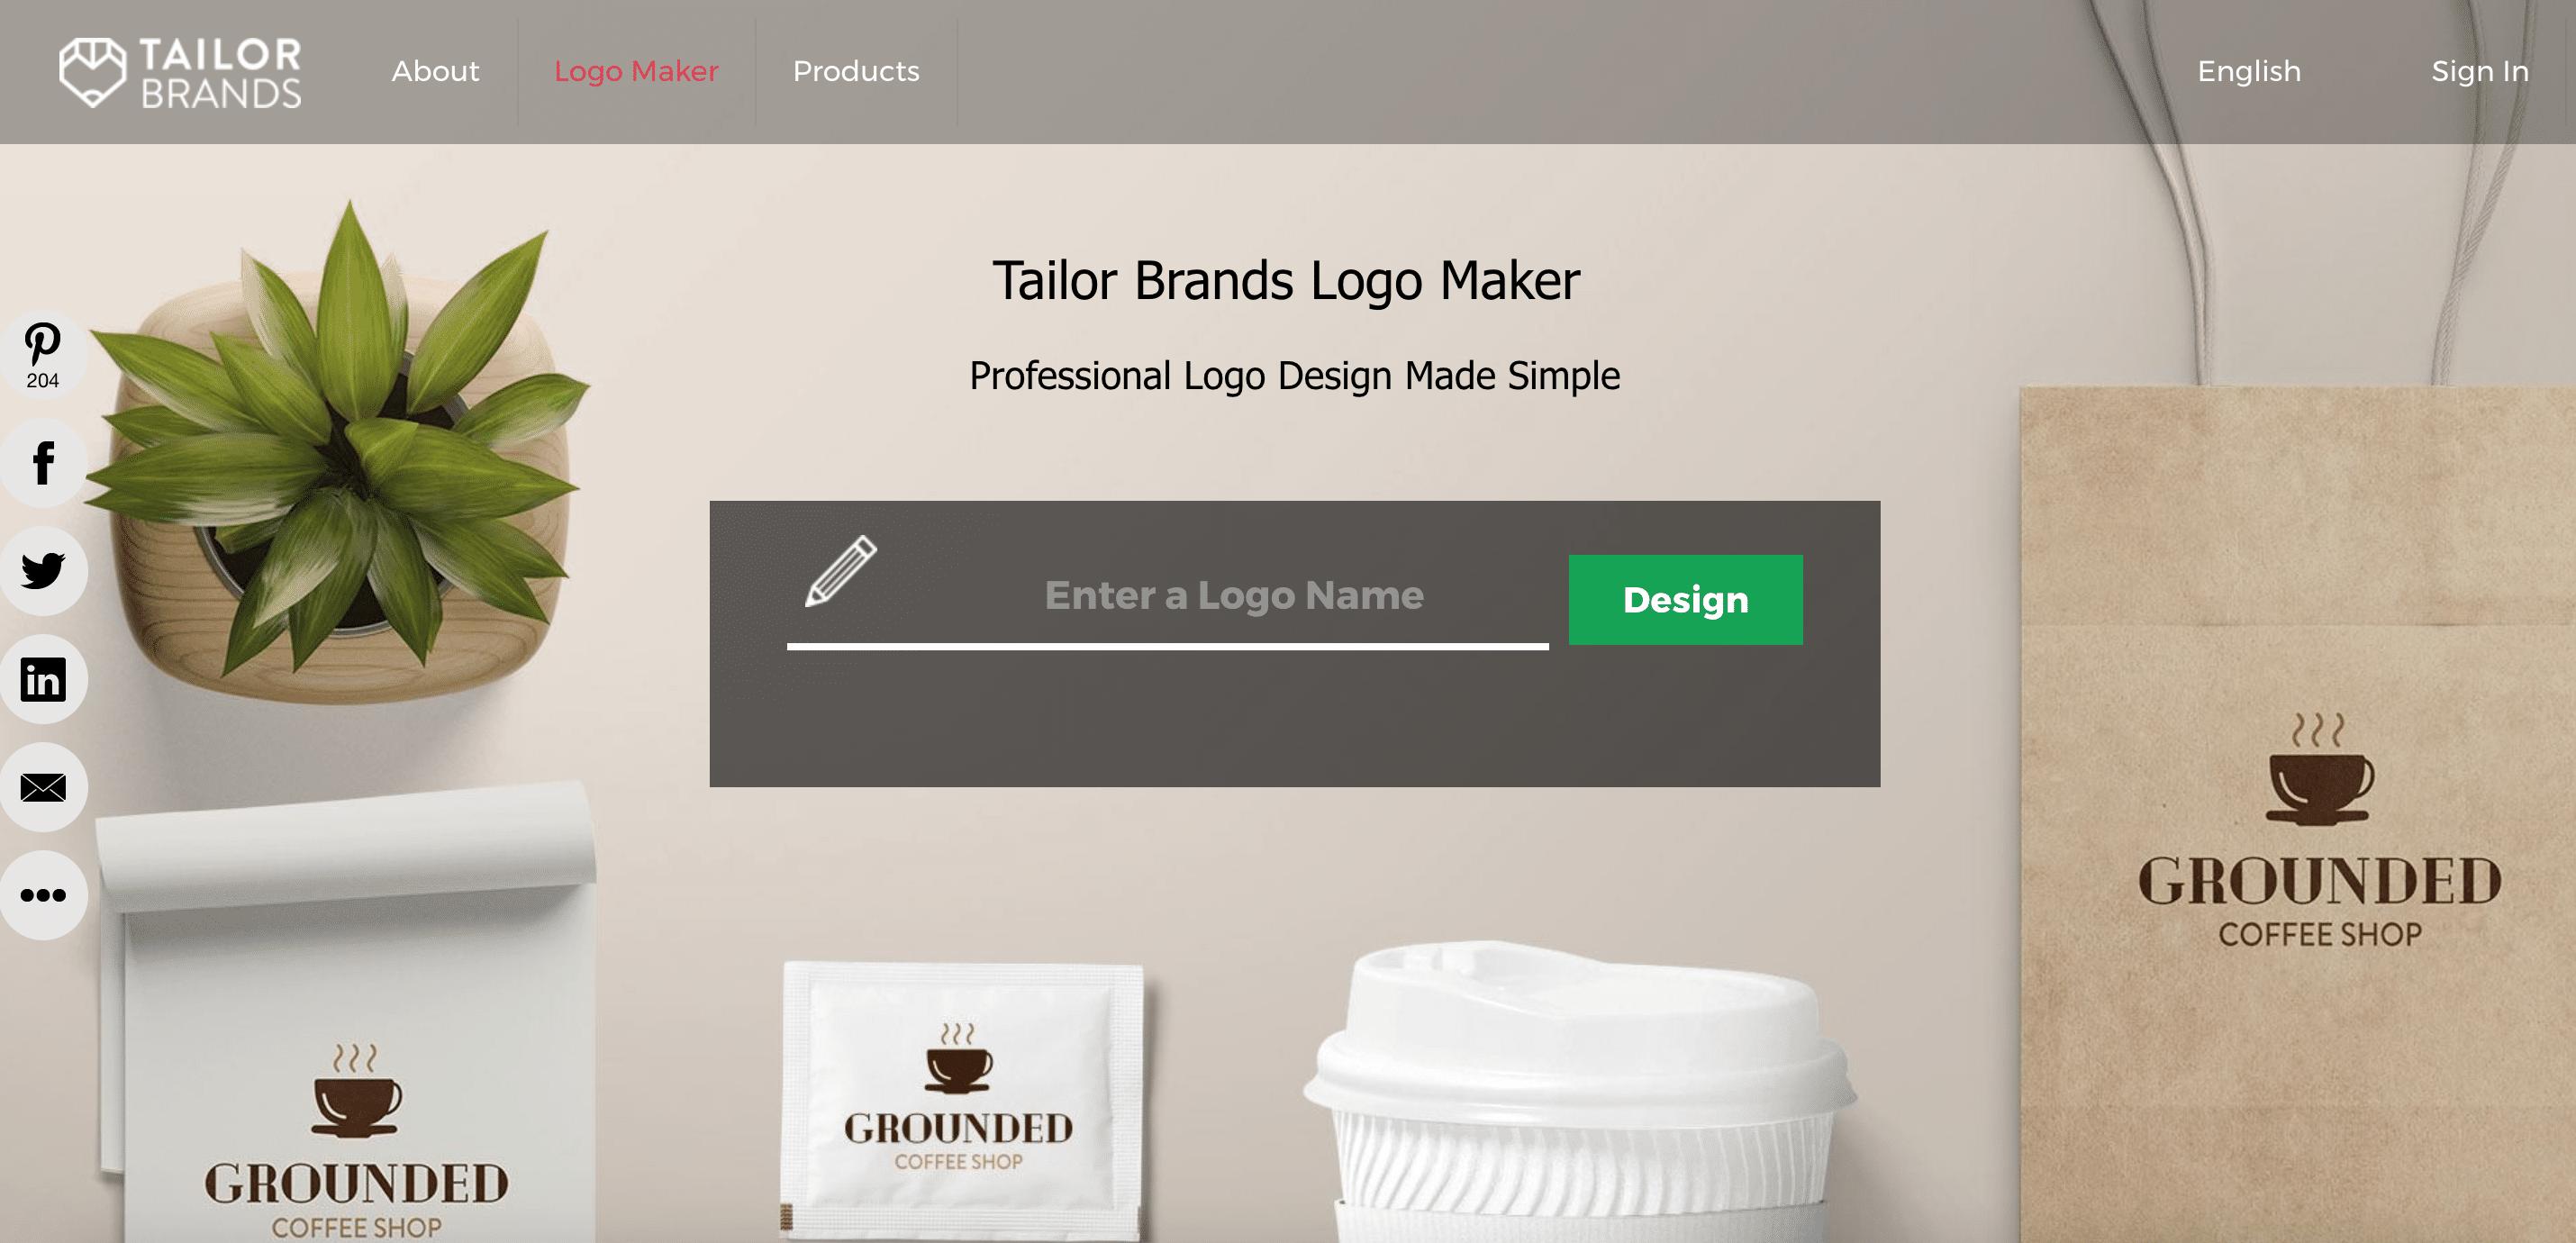 taylor brands logo maker